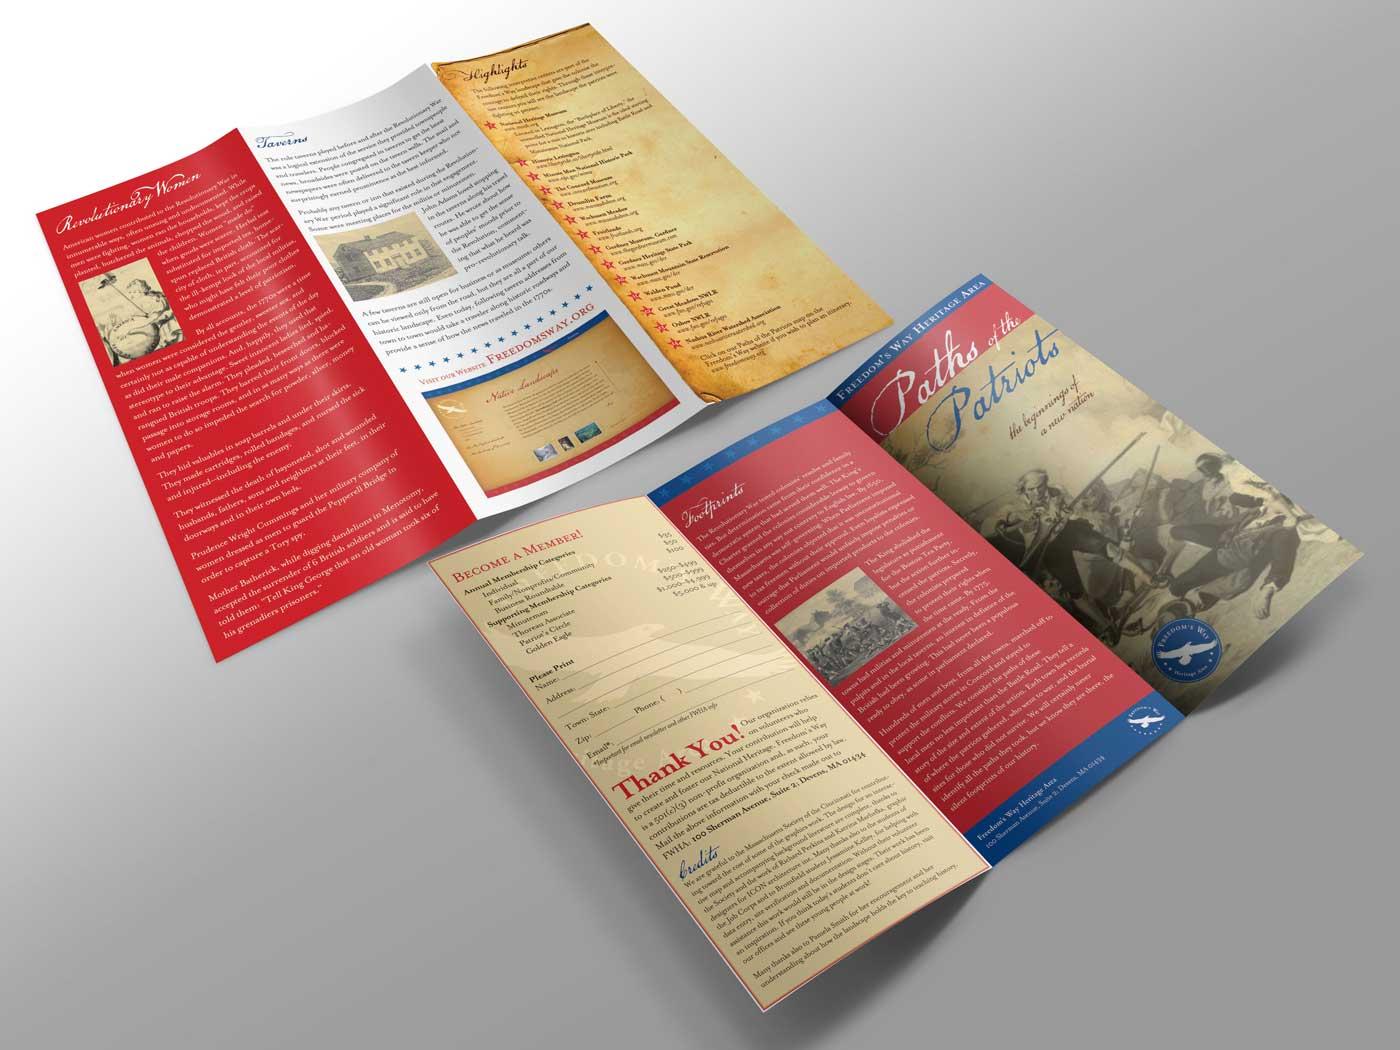 freedoms-way-brochure-mockup-07